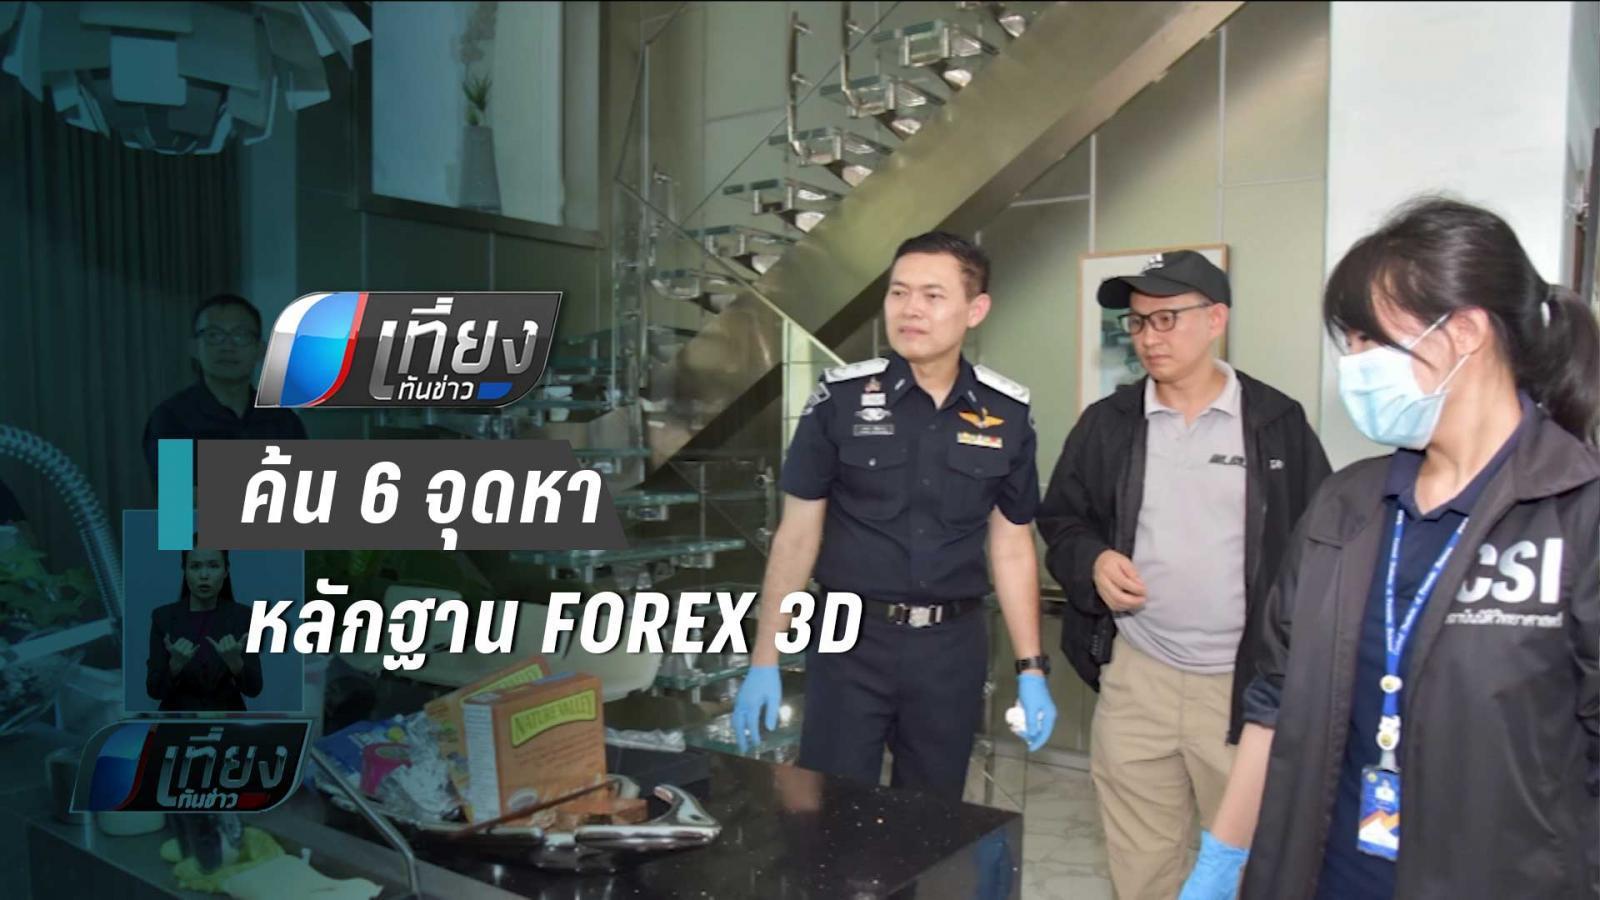 ดีเอสไอบุกค้น 6 จุดหาหลักฐาน FOREX 3D